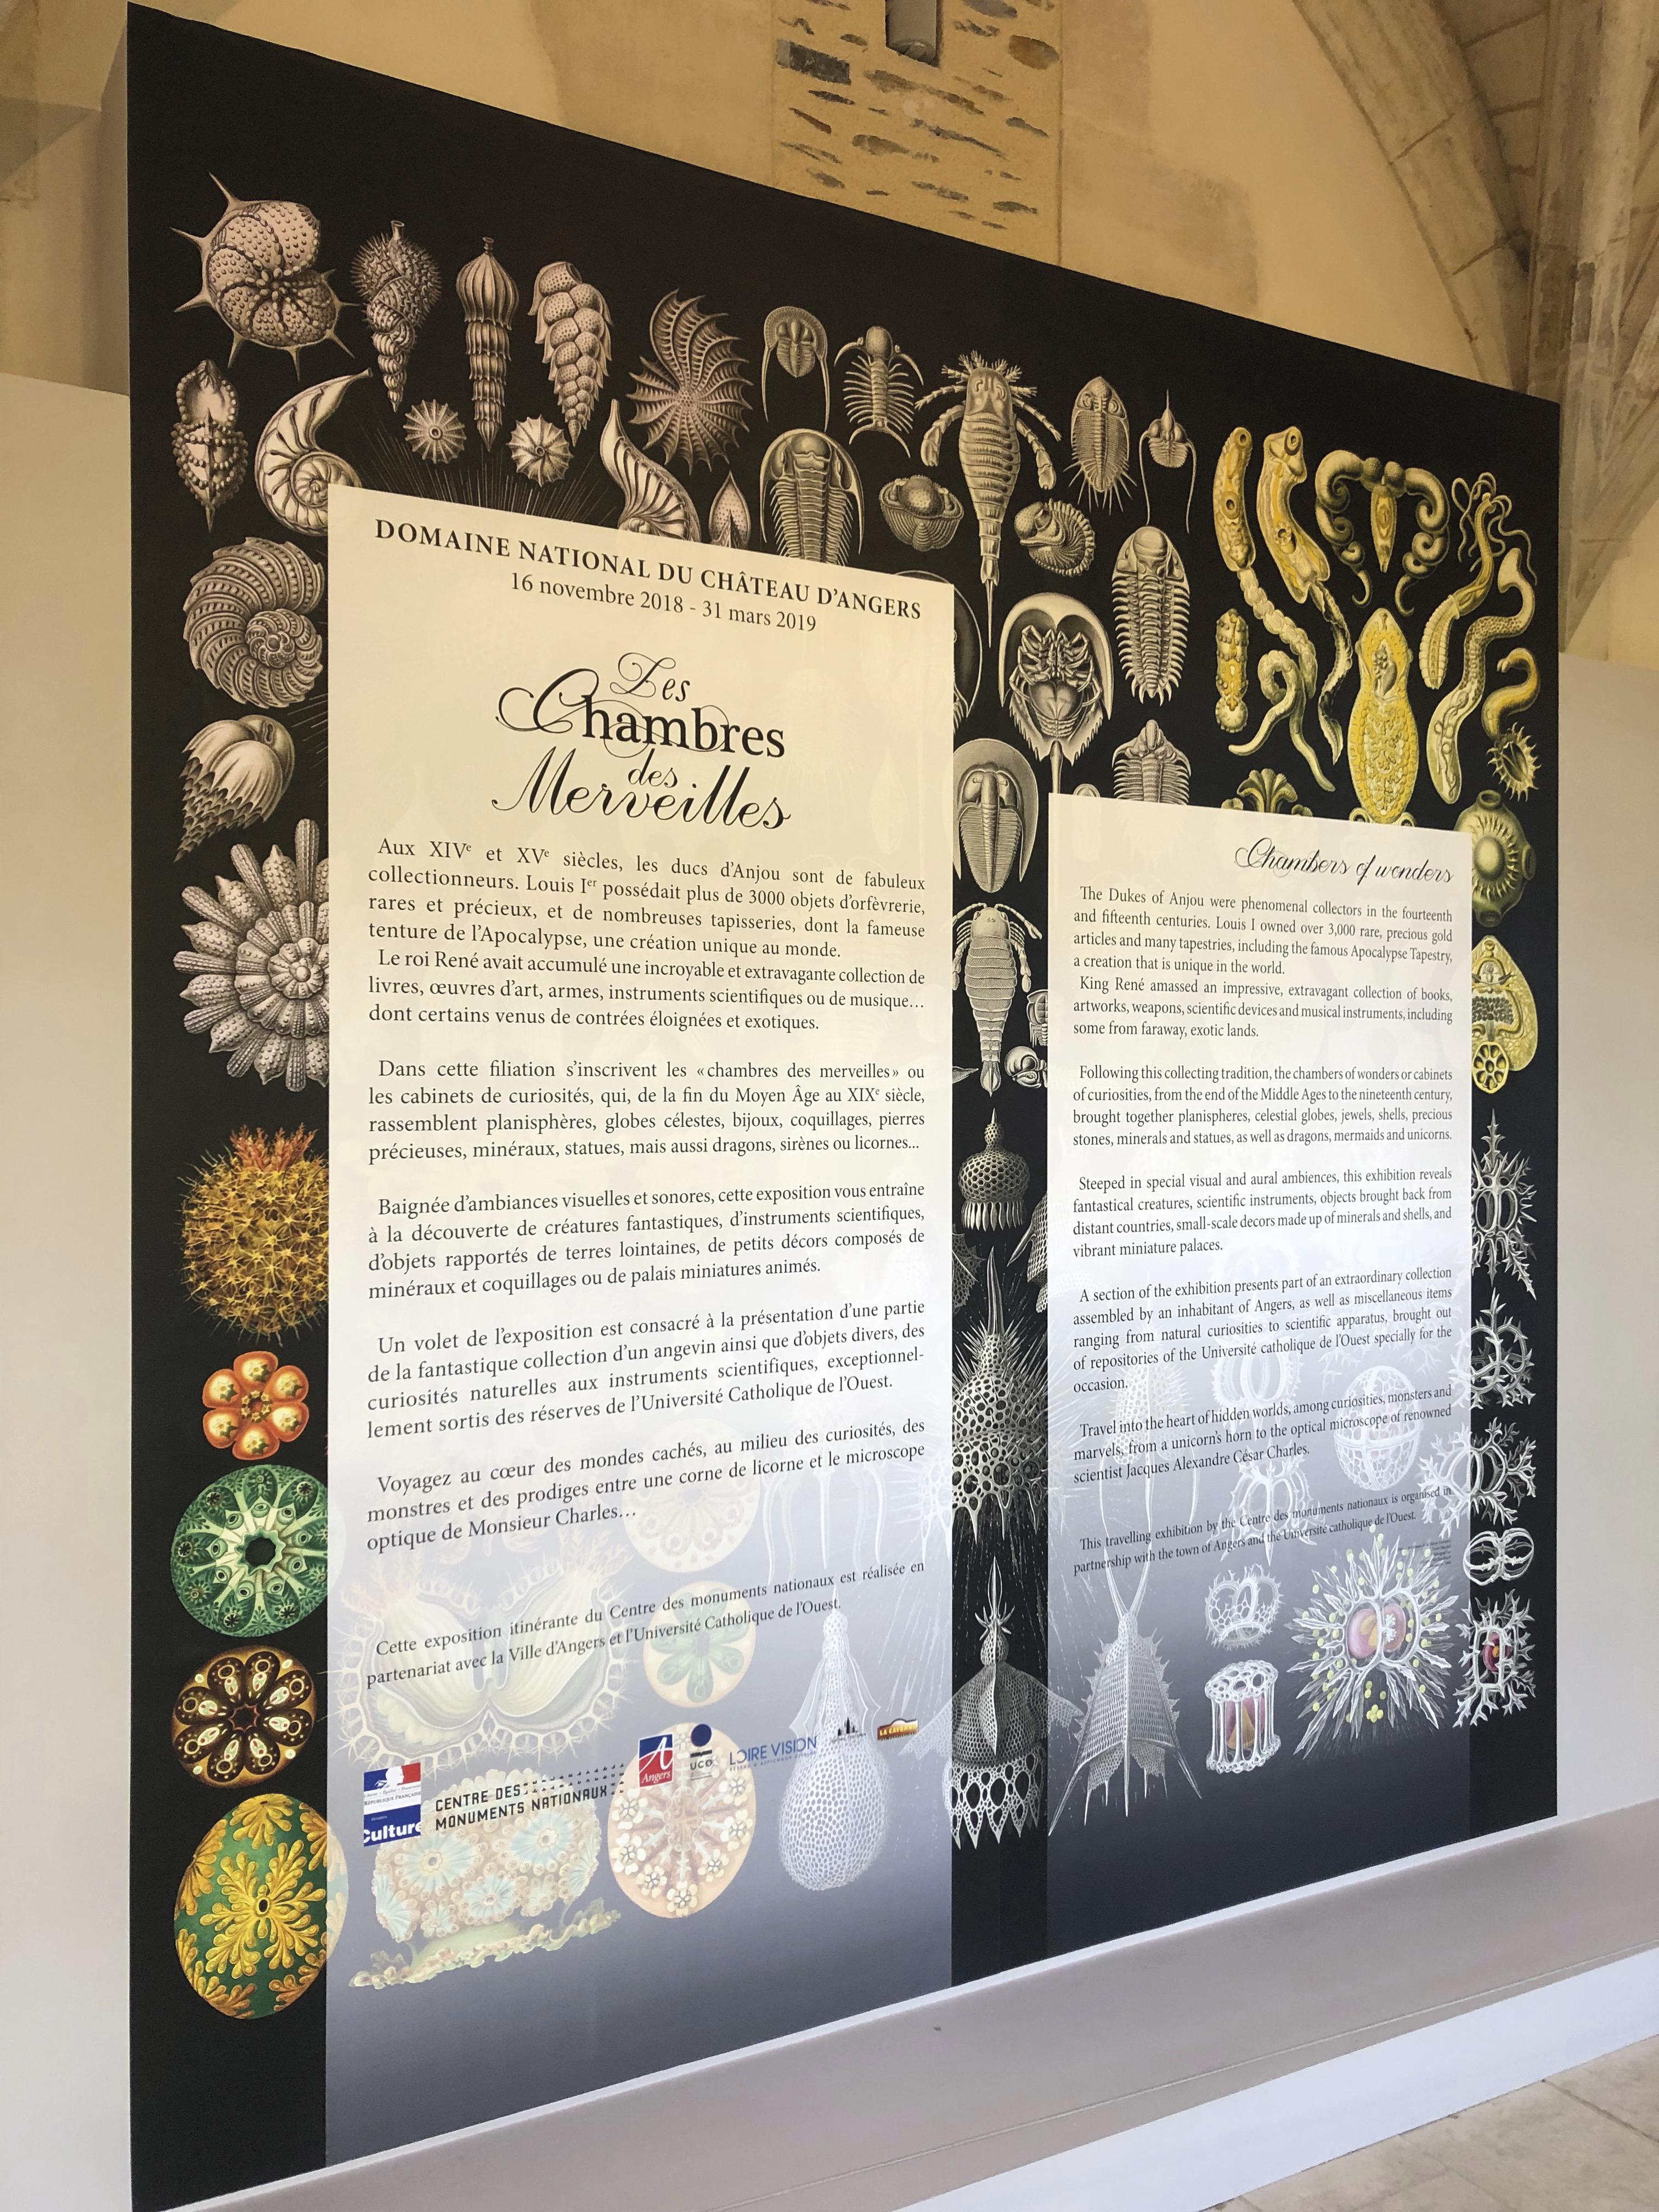 Tapisserie pour l'exposition Les chambres des merveilles au Château d'angers